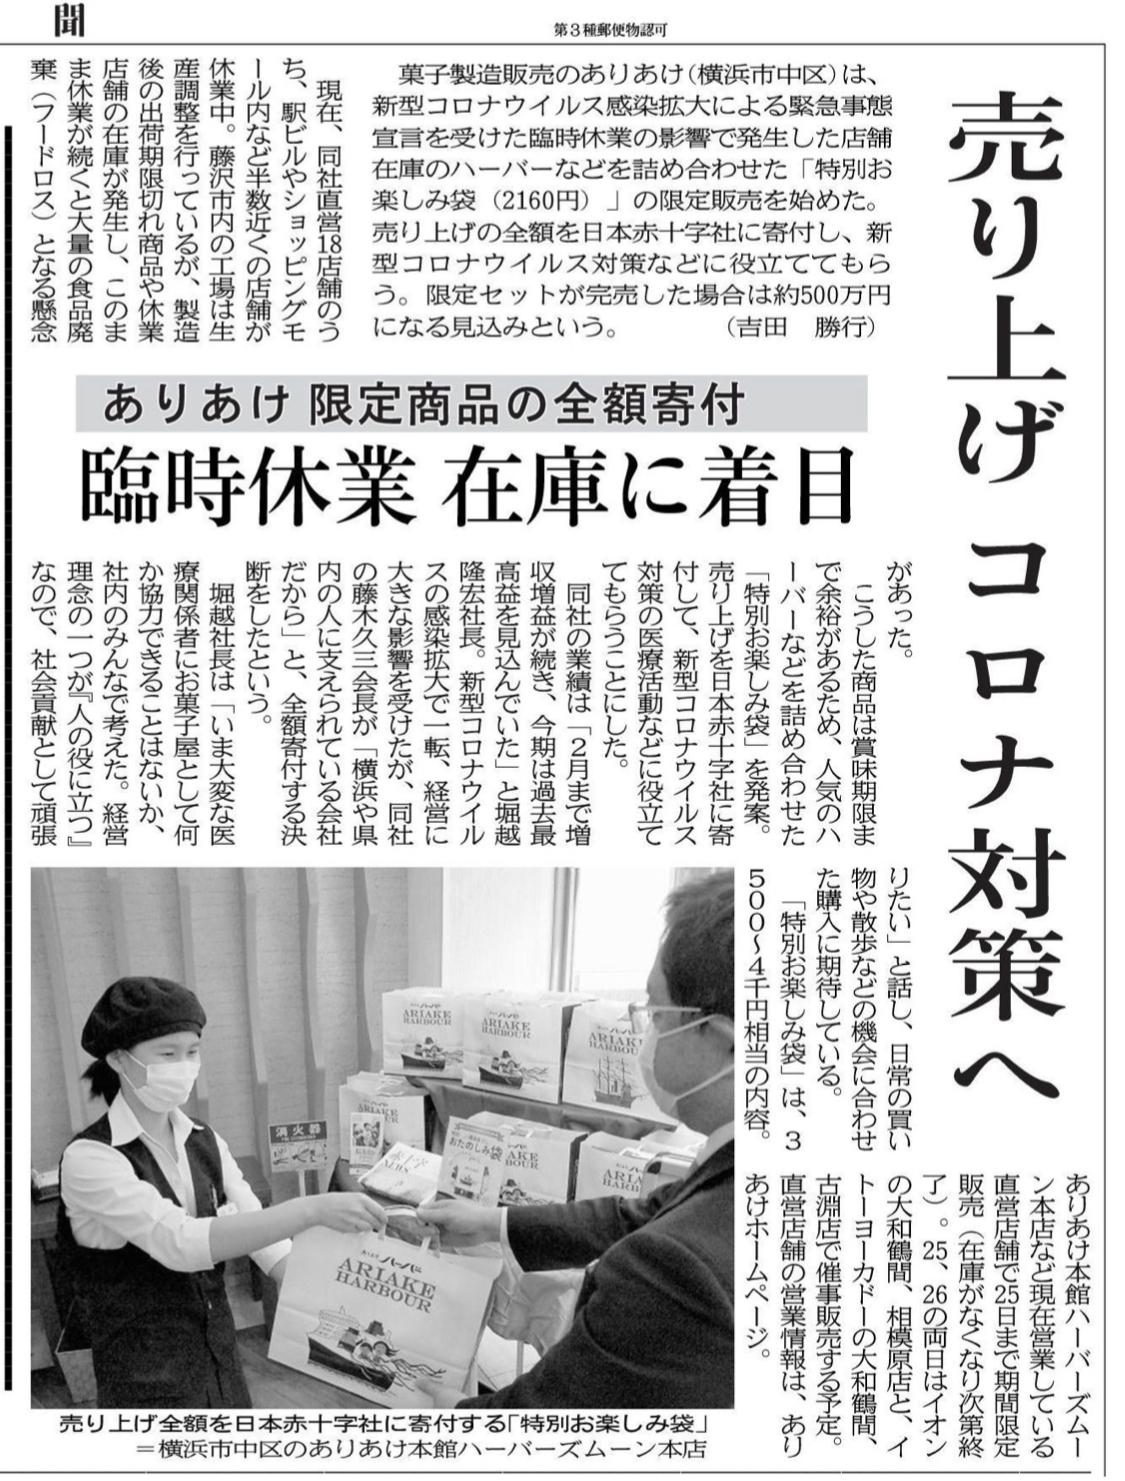 2020年4月21日 神奈川新聞「新型コロナ対策医療等赤十字活動支援」記事掲載